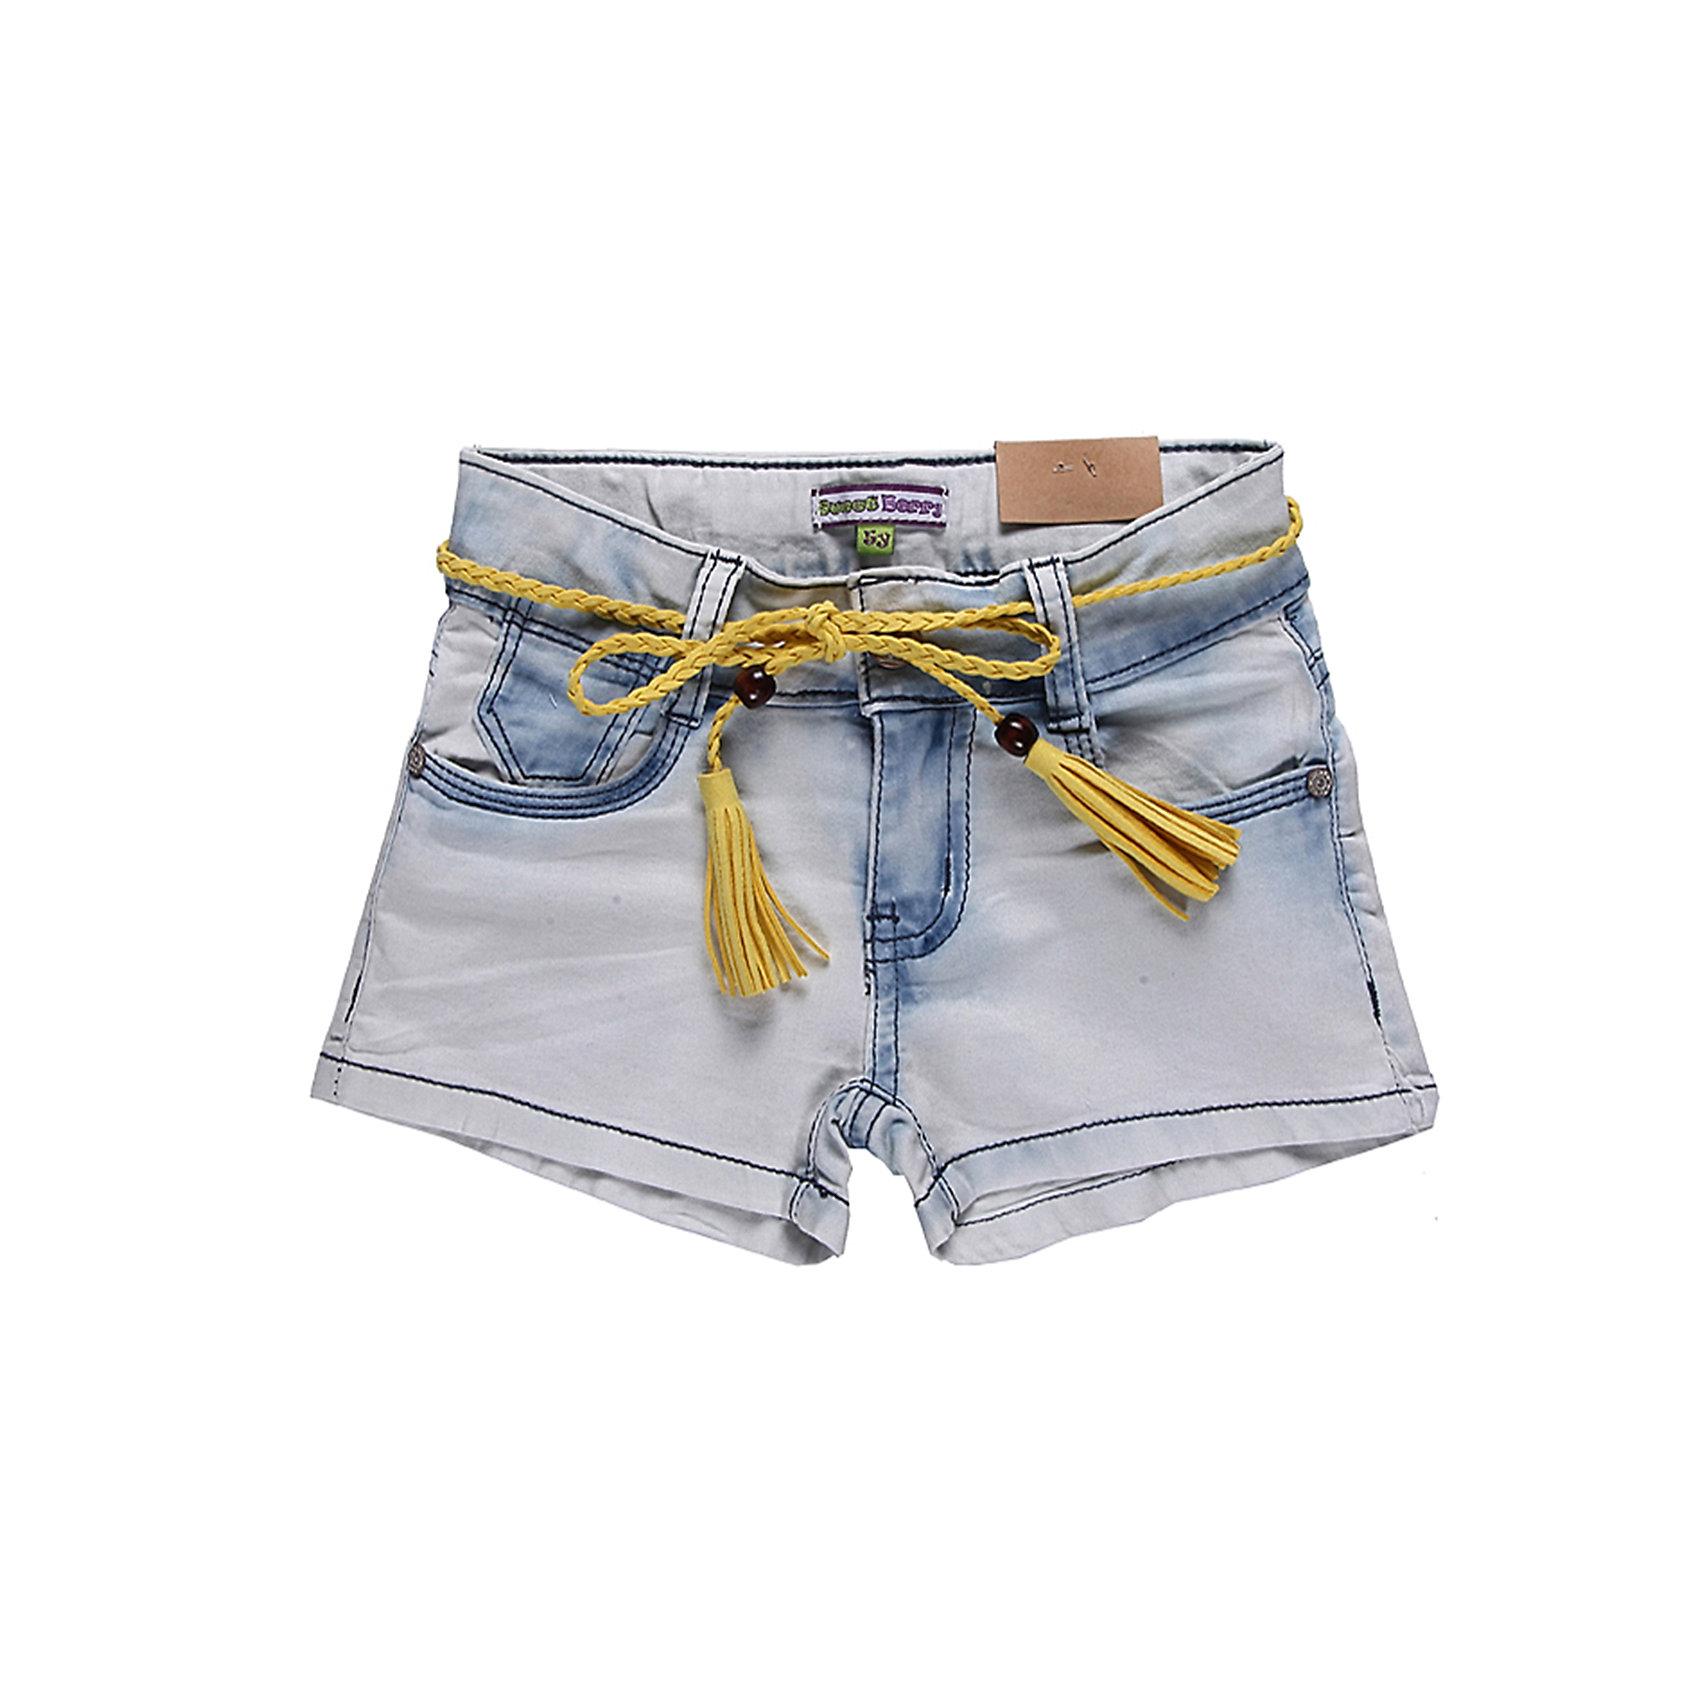 Шорты джинсовые для девочки Sweet BerryДжинсовая одежда<br>Шорты из джинсовой ткани для девочек. Небольшой процент эластана в ткани делает их более мягкими и устойчивыми к стирке. Шорты - светло-голубые, в районе швов цвет ткани становится синим. Оригинальные и модные шорты будут хорошим элементом гардероба для прогулок.<br>Состав:<br>98% хлопок, 2% эластан<br><br>Ширина мм: 191<br>Глубина мм: 10<br>Высота мм: 175<br>Вес г: 273<br>Цвет: голубой<br>Возраст от месяцев: 48<br>Возраст до месяцев: 60<br>Пол: Женский<br>Возраст: Детский<br>Размер: 110,98,104,128,122,116<br>SKU: 4521208